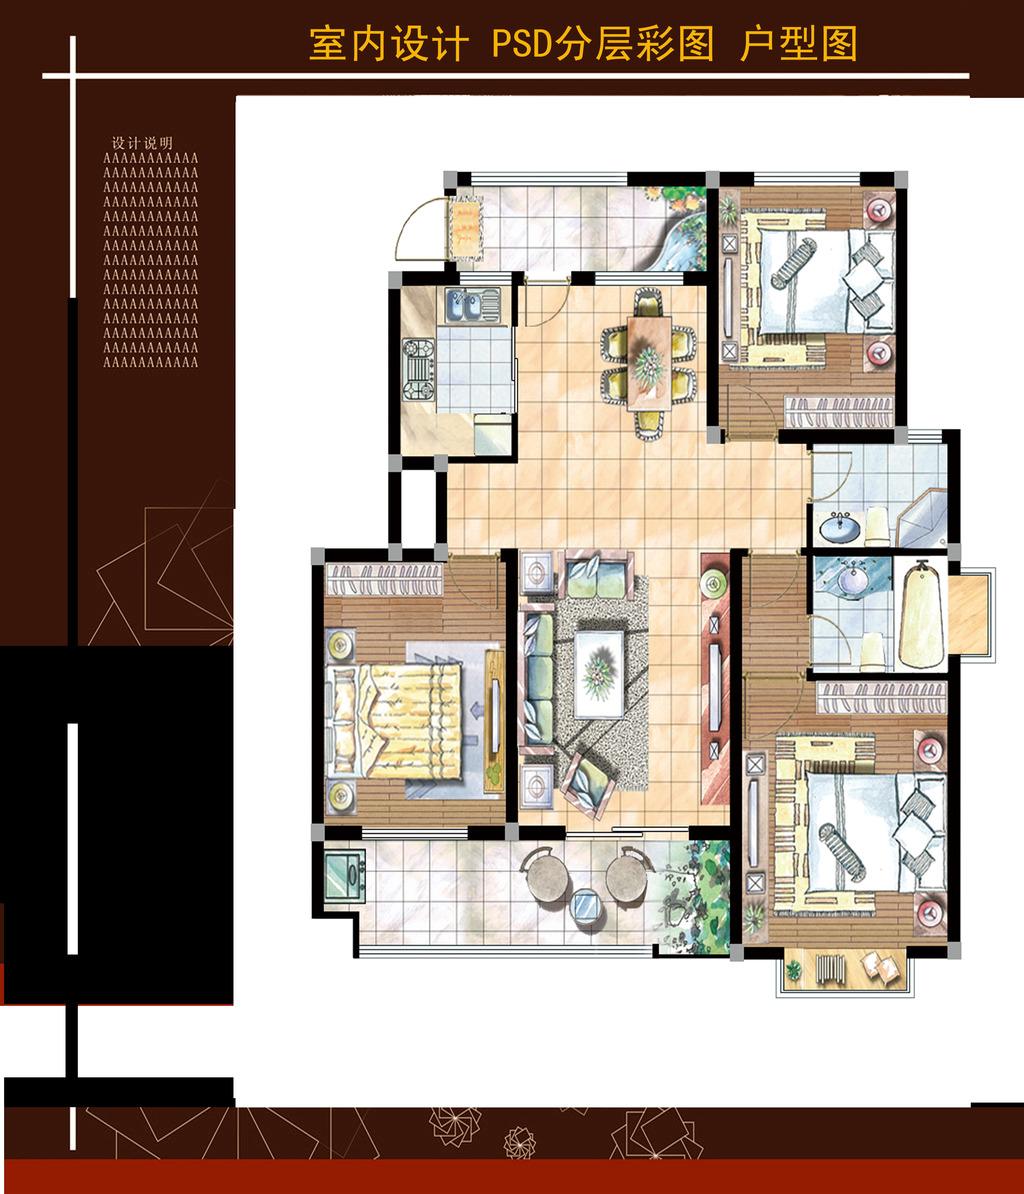 三室两厅彩色psd平面户型图下载